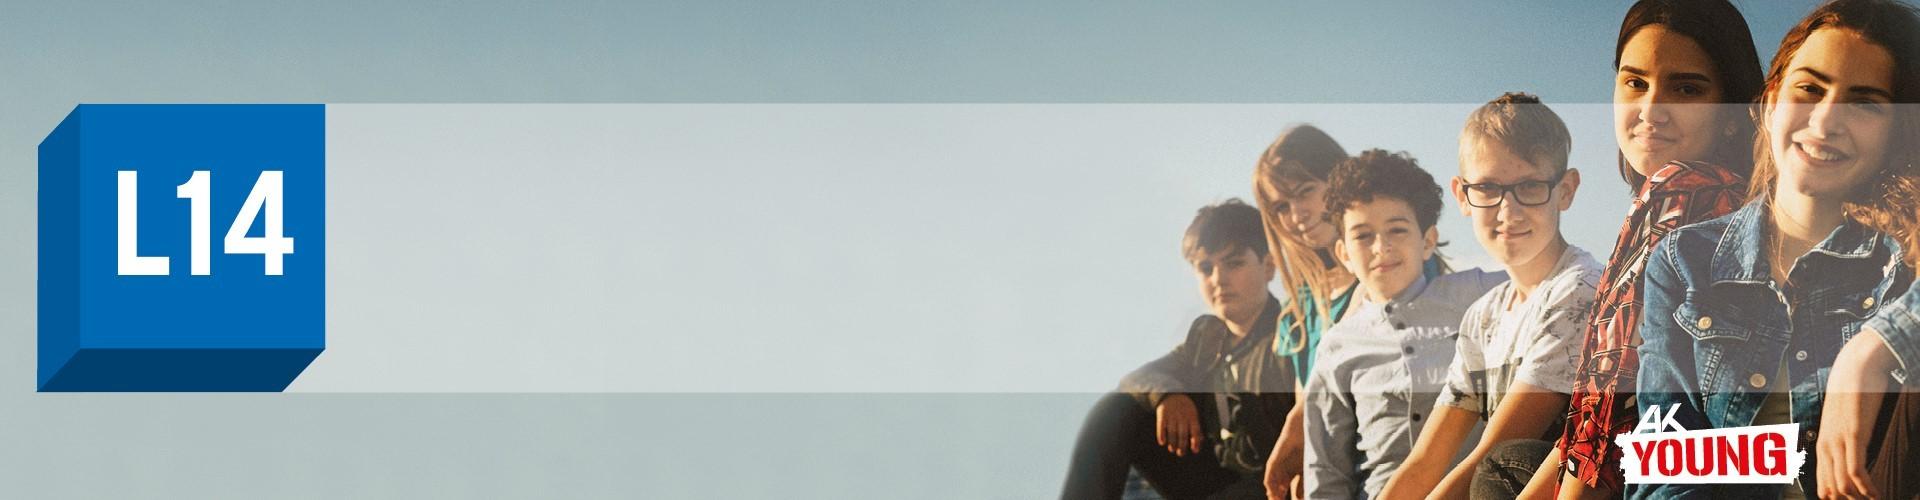 L14 Banner mit Jugendlichen © Lukas Beck